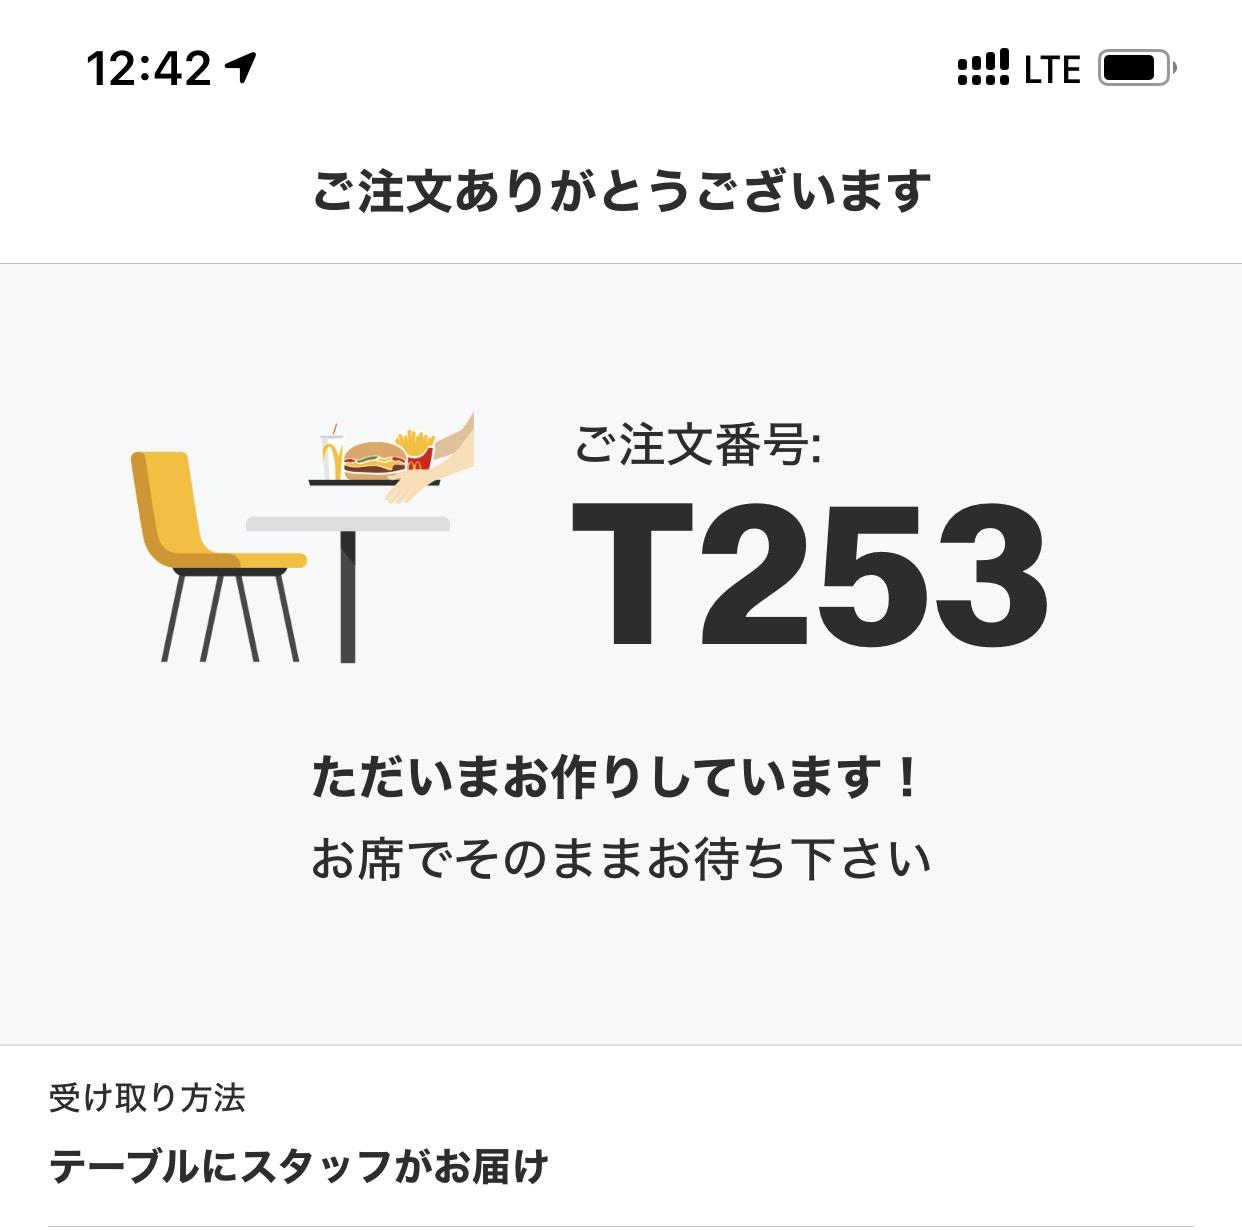 【マクドナルド】公式アプリ モバイルオーダー 11